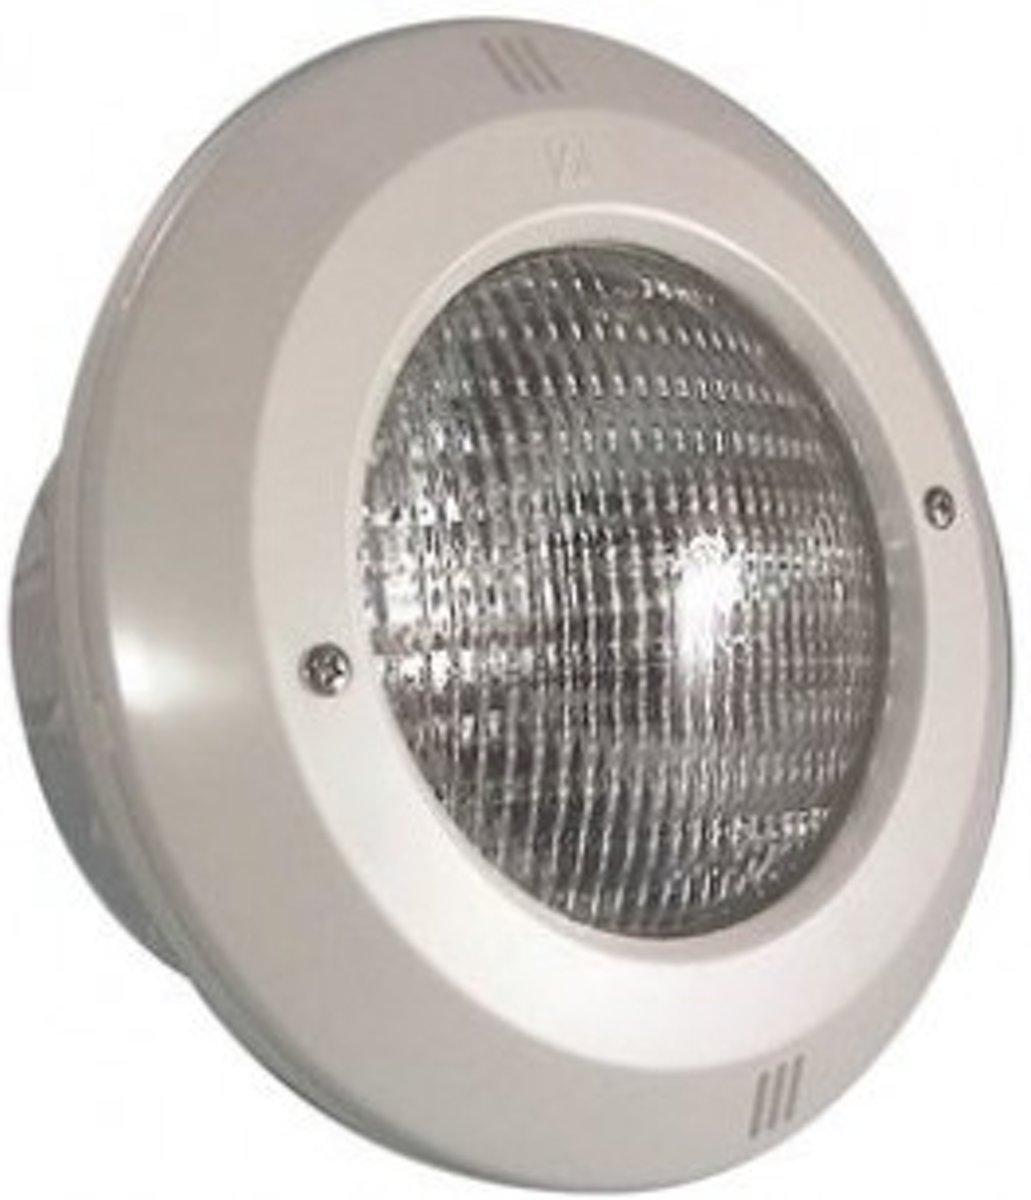 Zwembadlamp par56 inbouw Rvs afdekking 300W